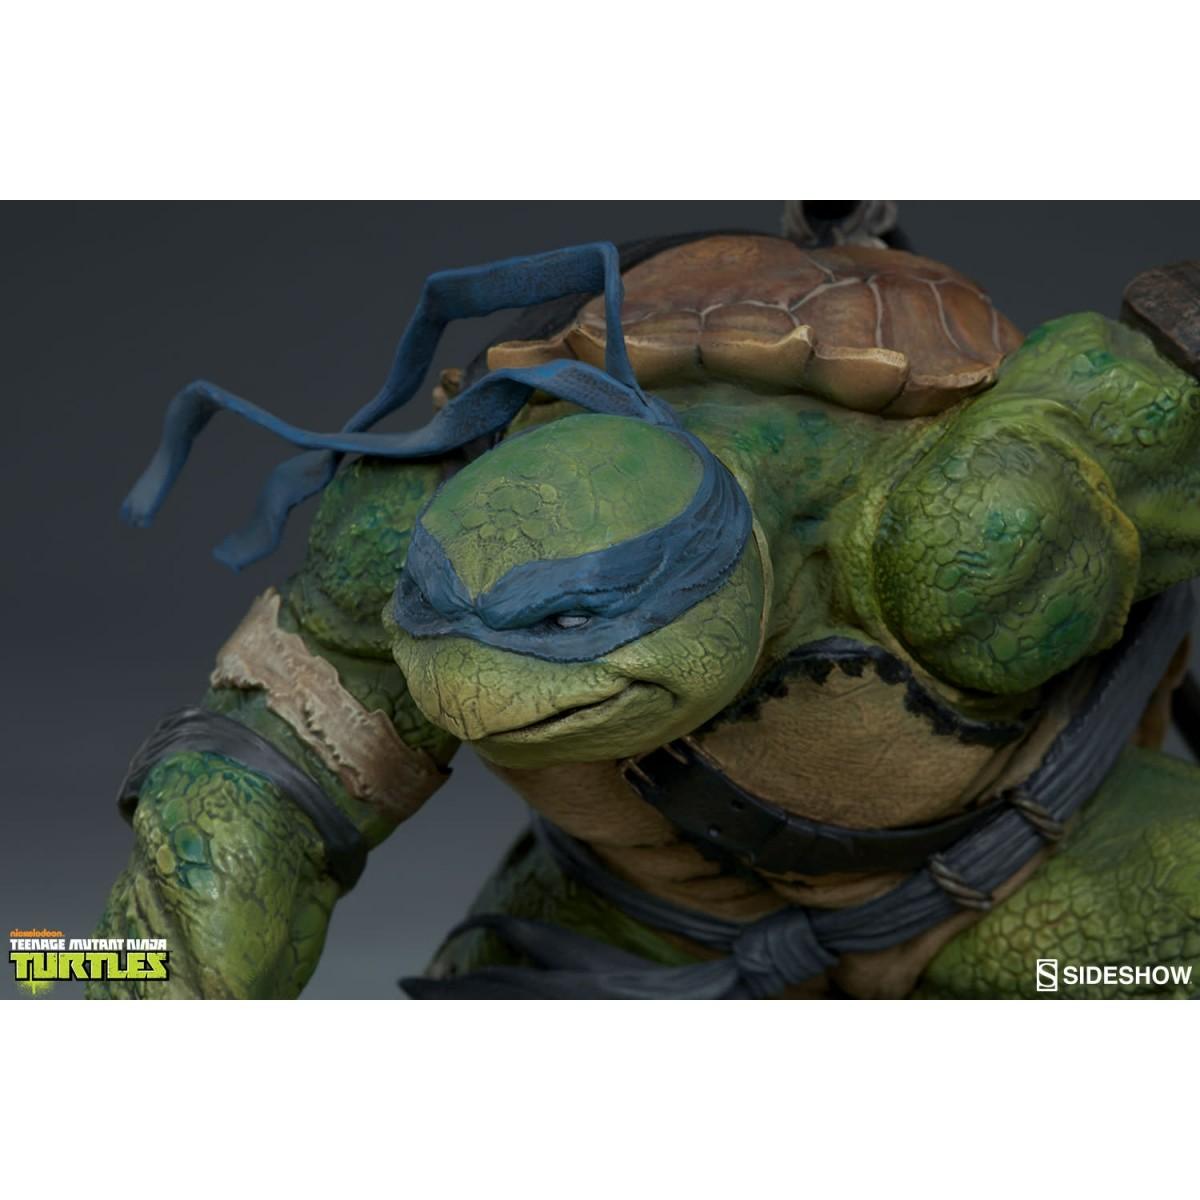 Estátua Leonardo: Tartarugas Ninjas (Teenage Mutant Ninja Turtles) - Sideshow - CD